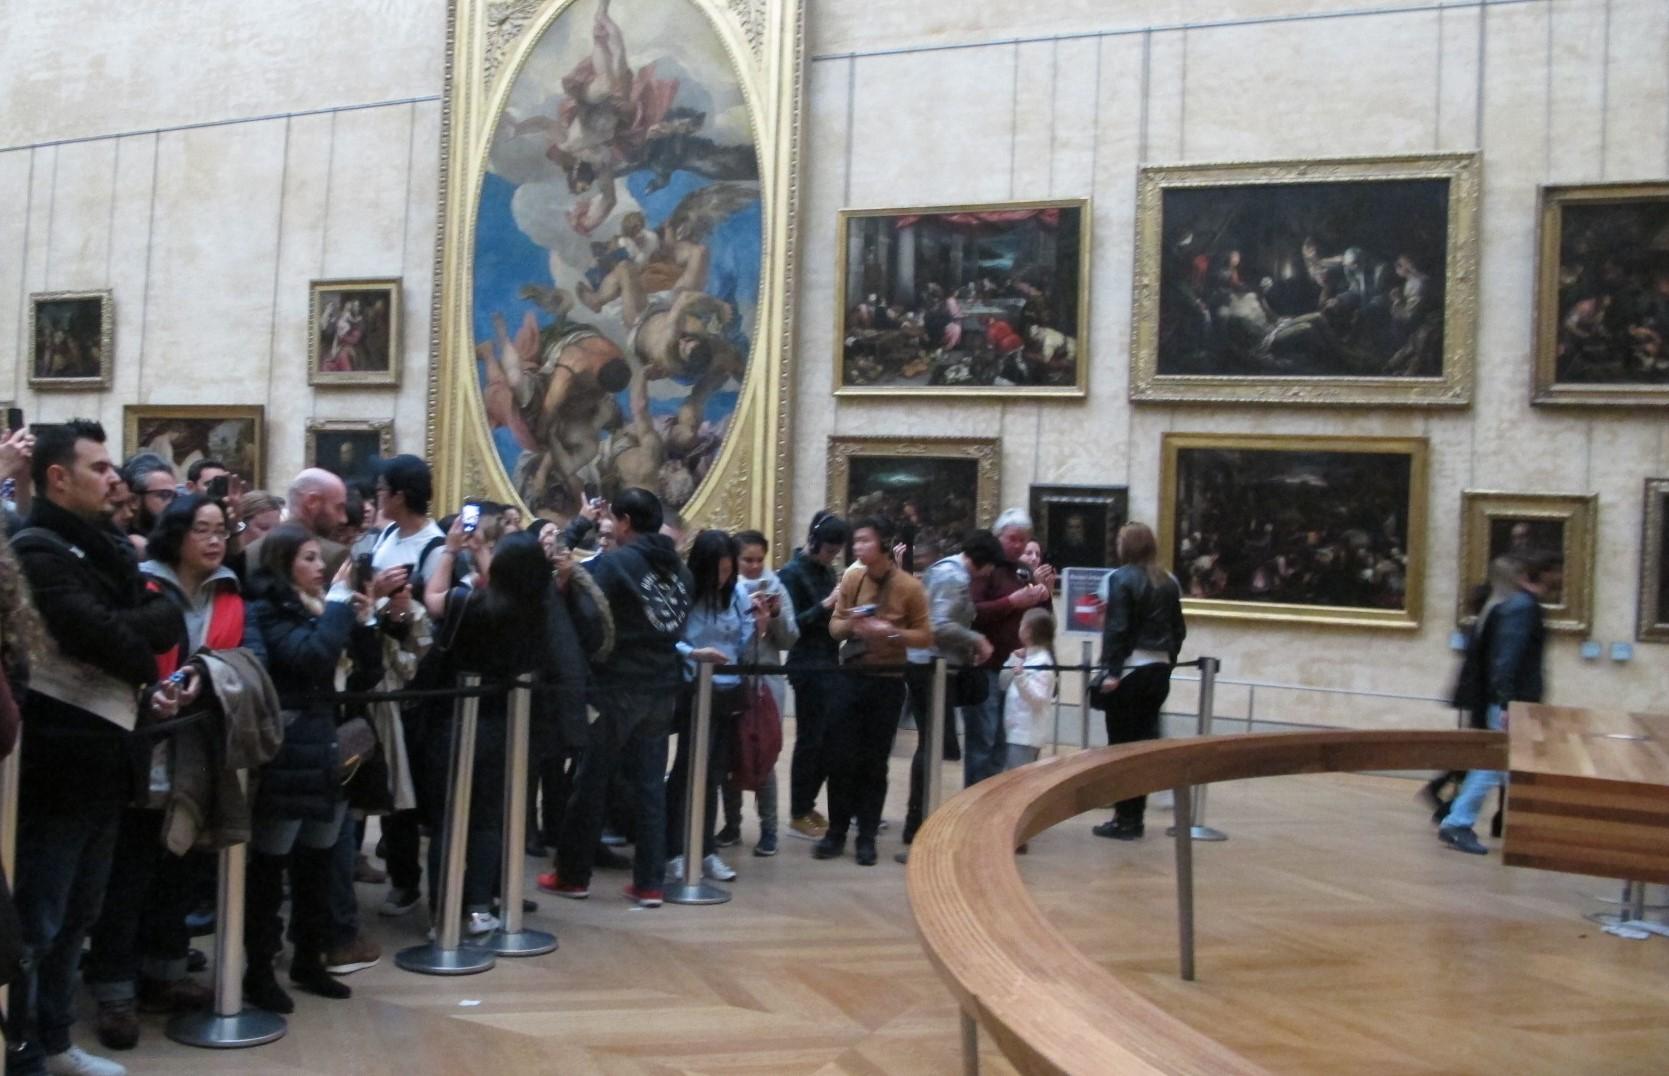 Tak banyak antrian turis yang hendak melihat langsung Monalisa, padahal biasanya antrian mengular dan berdesak-desakan.